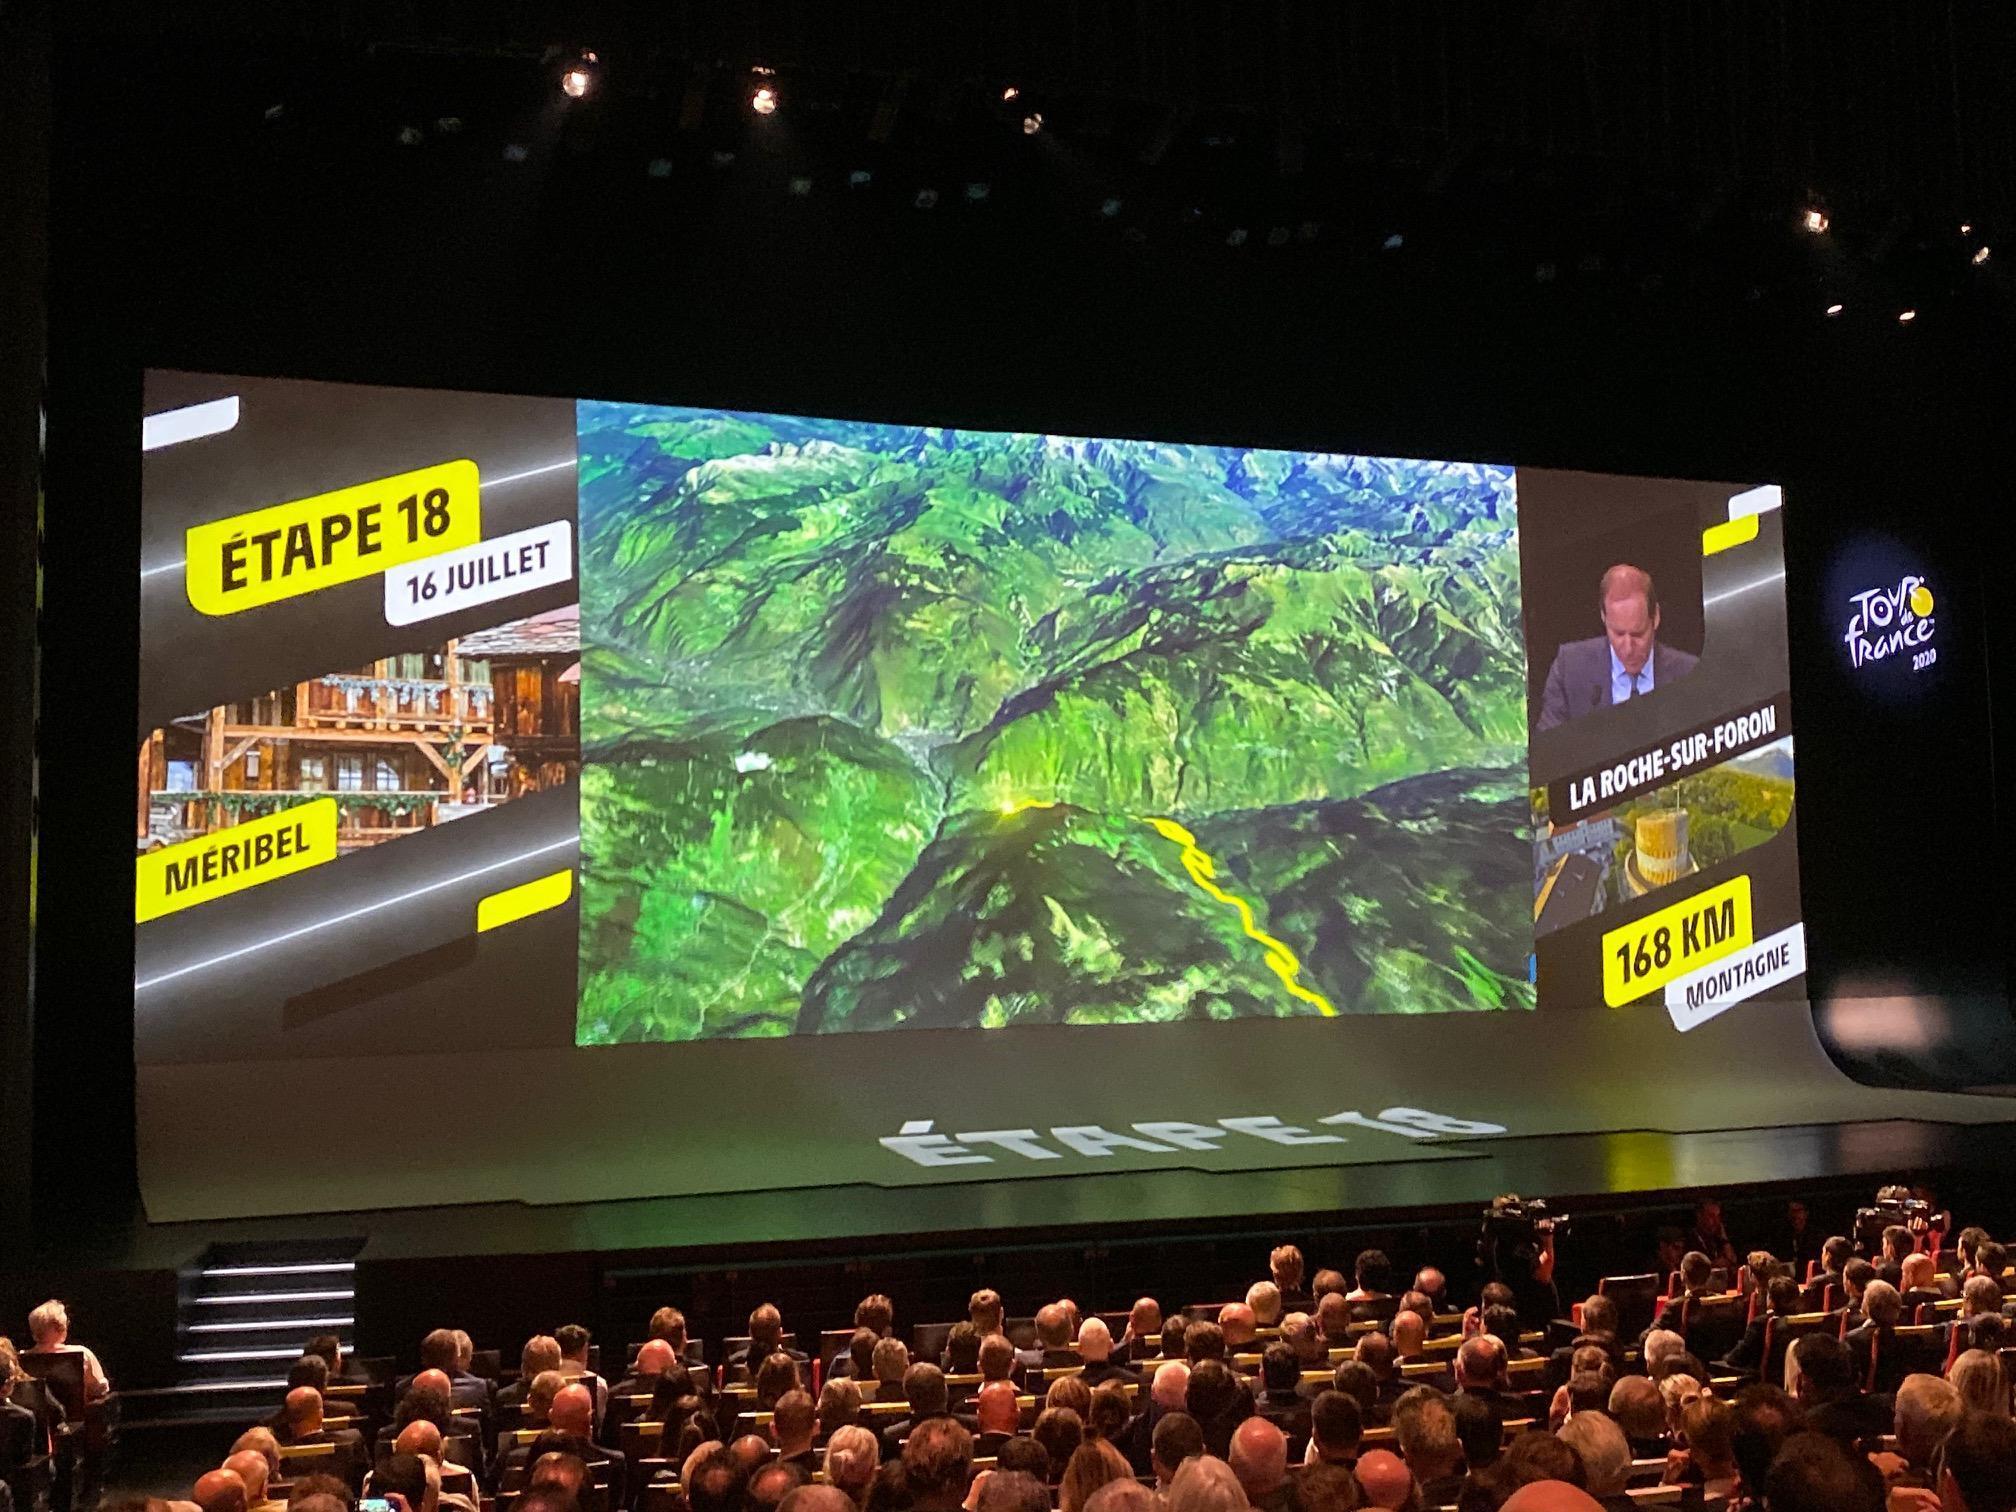 (VIDEO) La Roche-sur-Foron : découvrez où passera l'étape du Tour de France